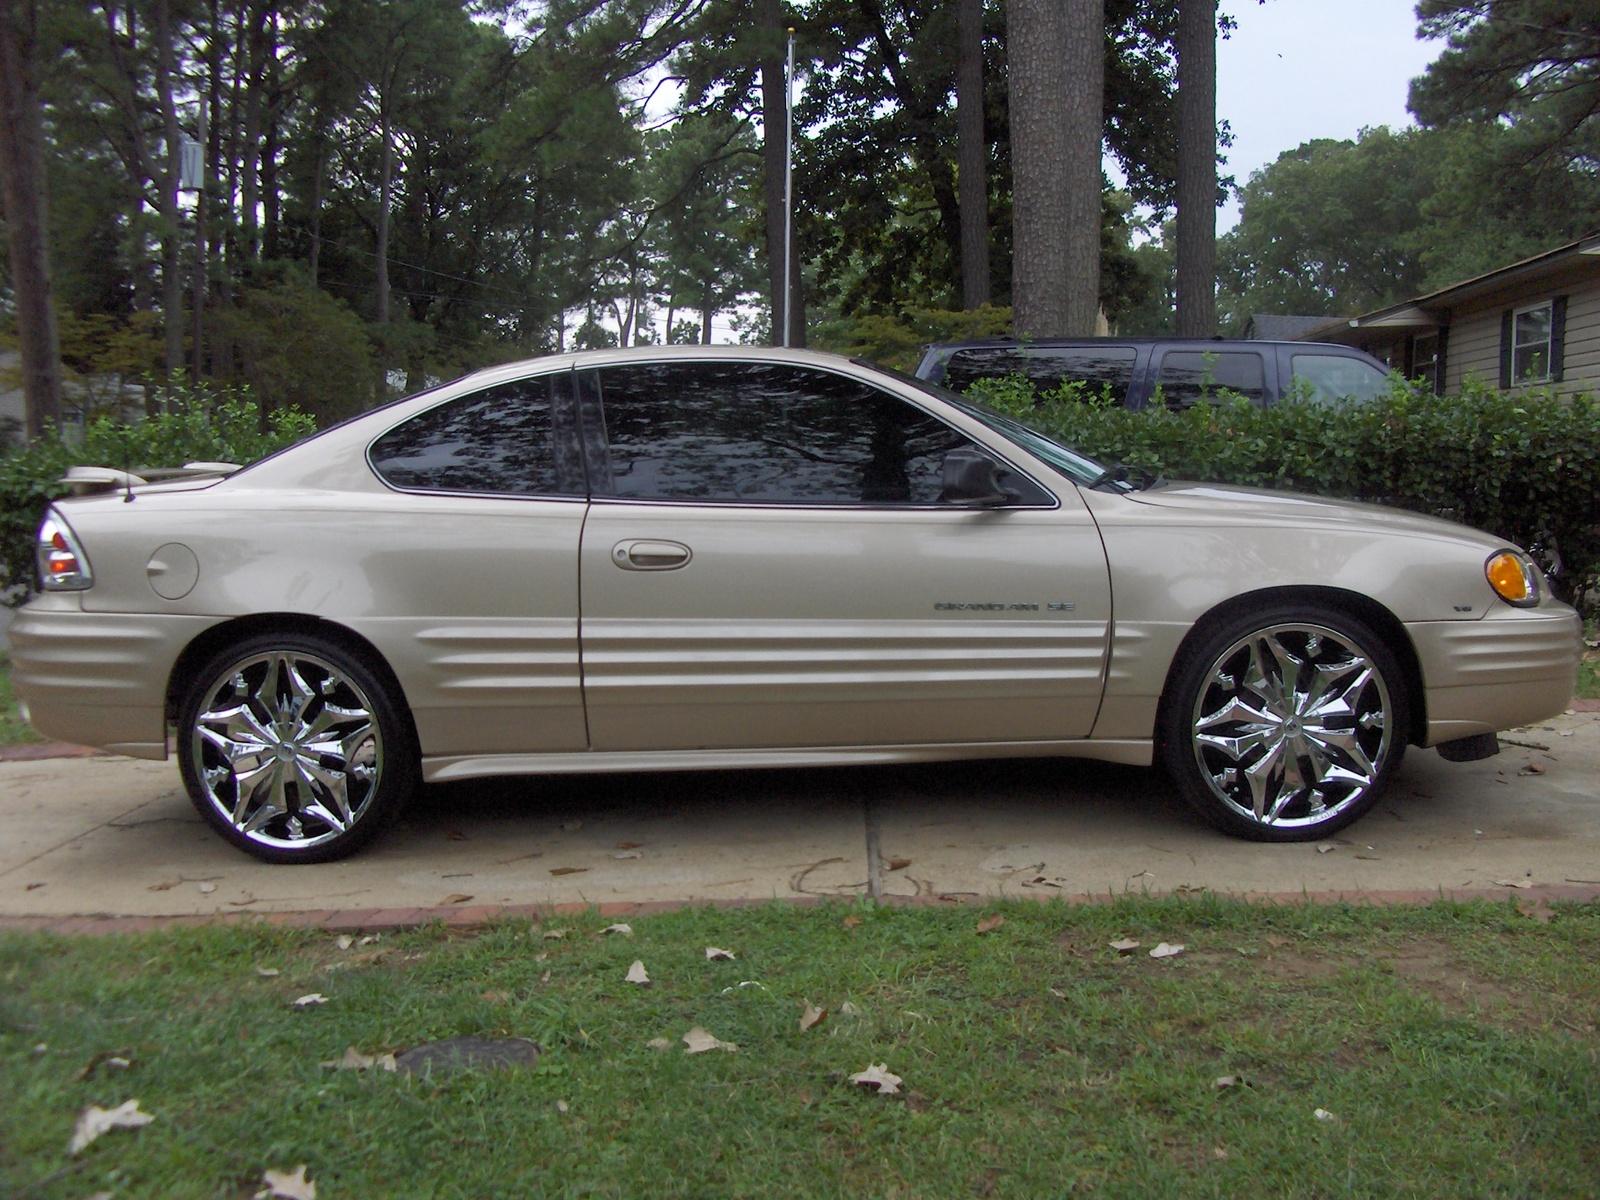 Phoenix Ford Dealers >> 2001 Pontiac Grand Am - Exterior Pictures - CarGurus